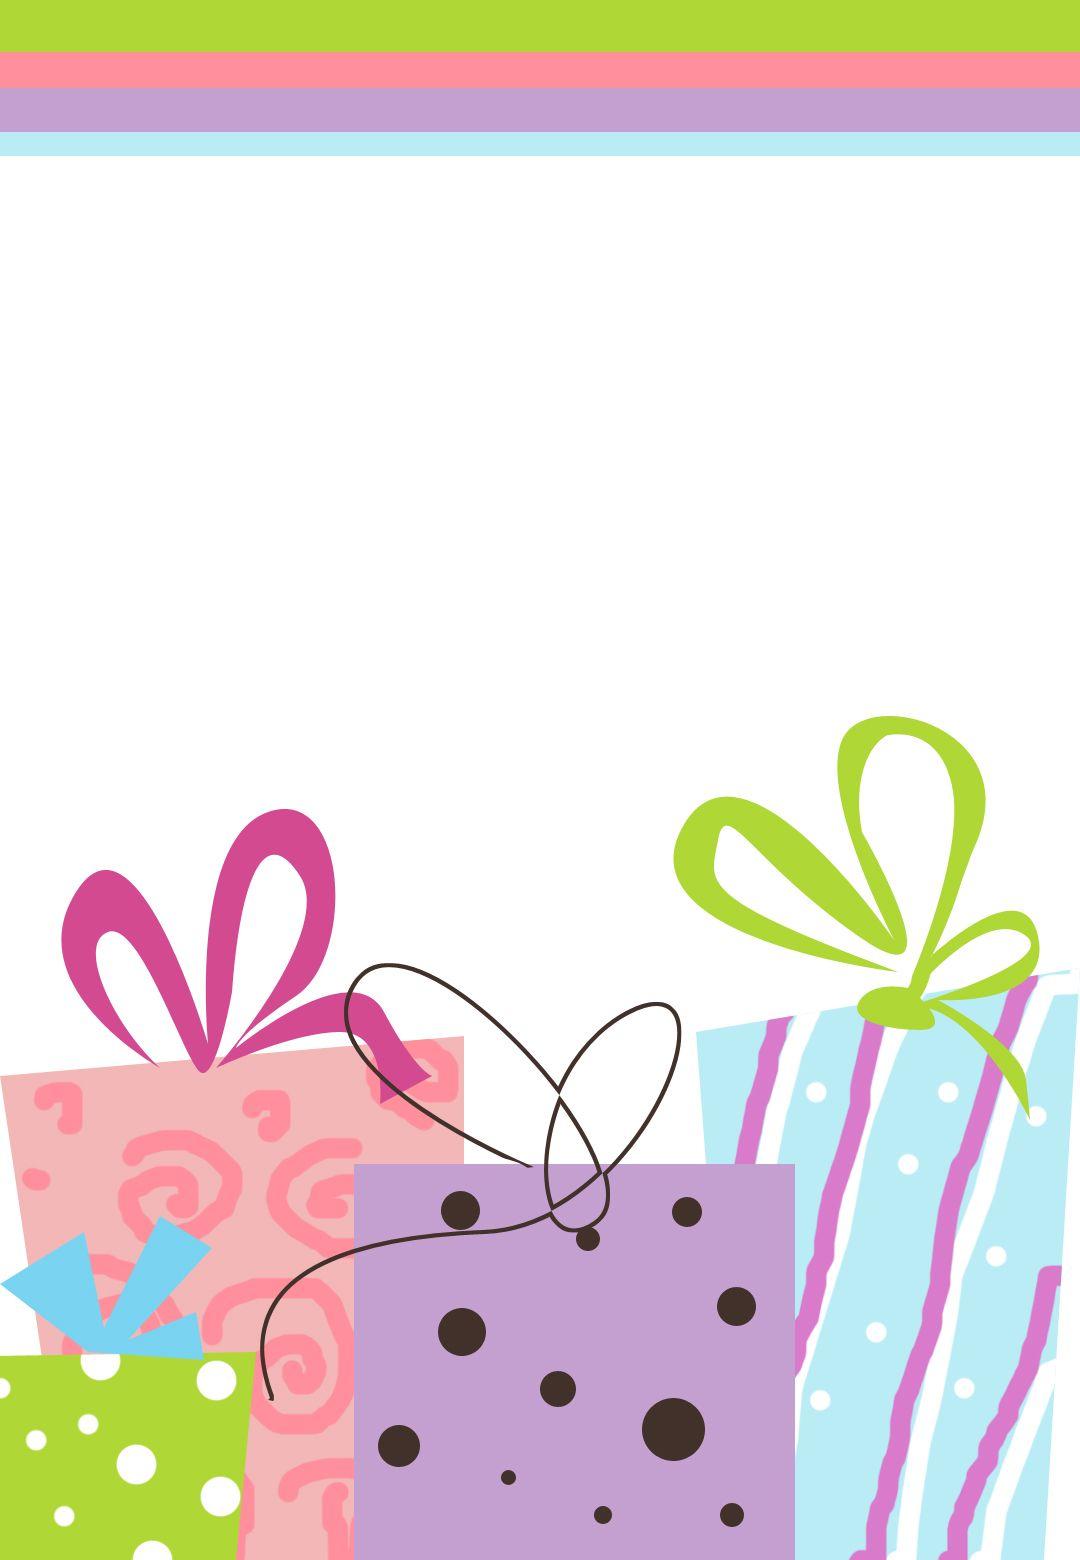 Invitaci n gratis de cumplea os para imprimir muchos regalos greetings island cards - Regalos para fiestas de cumpleanos infantiles ...